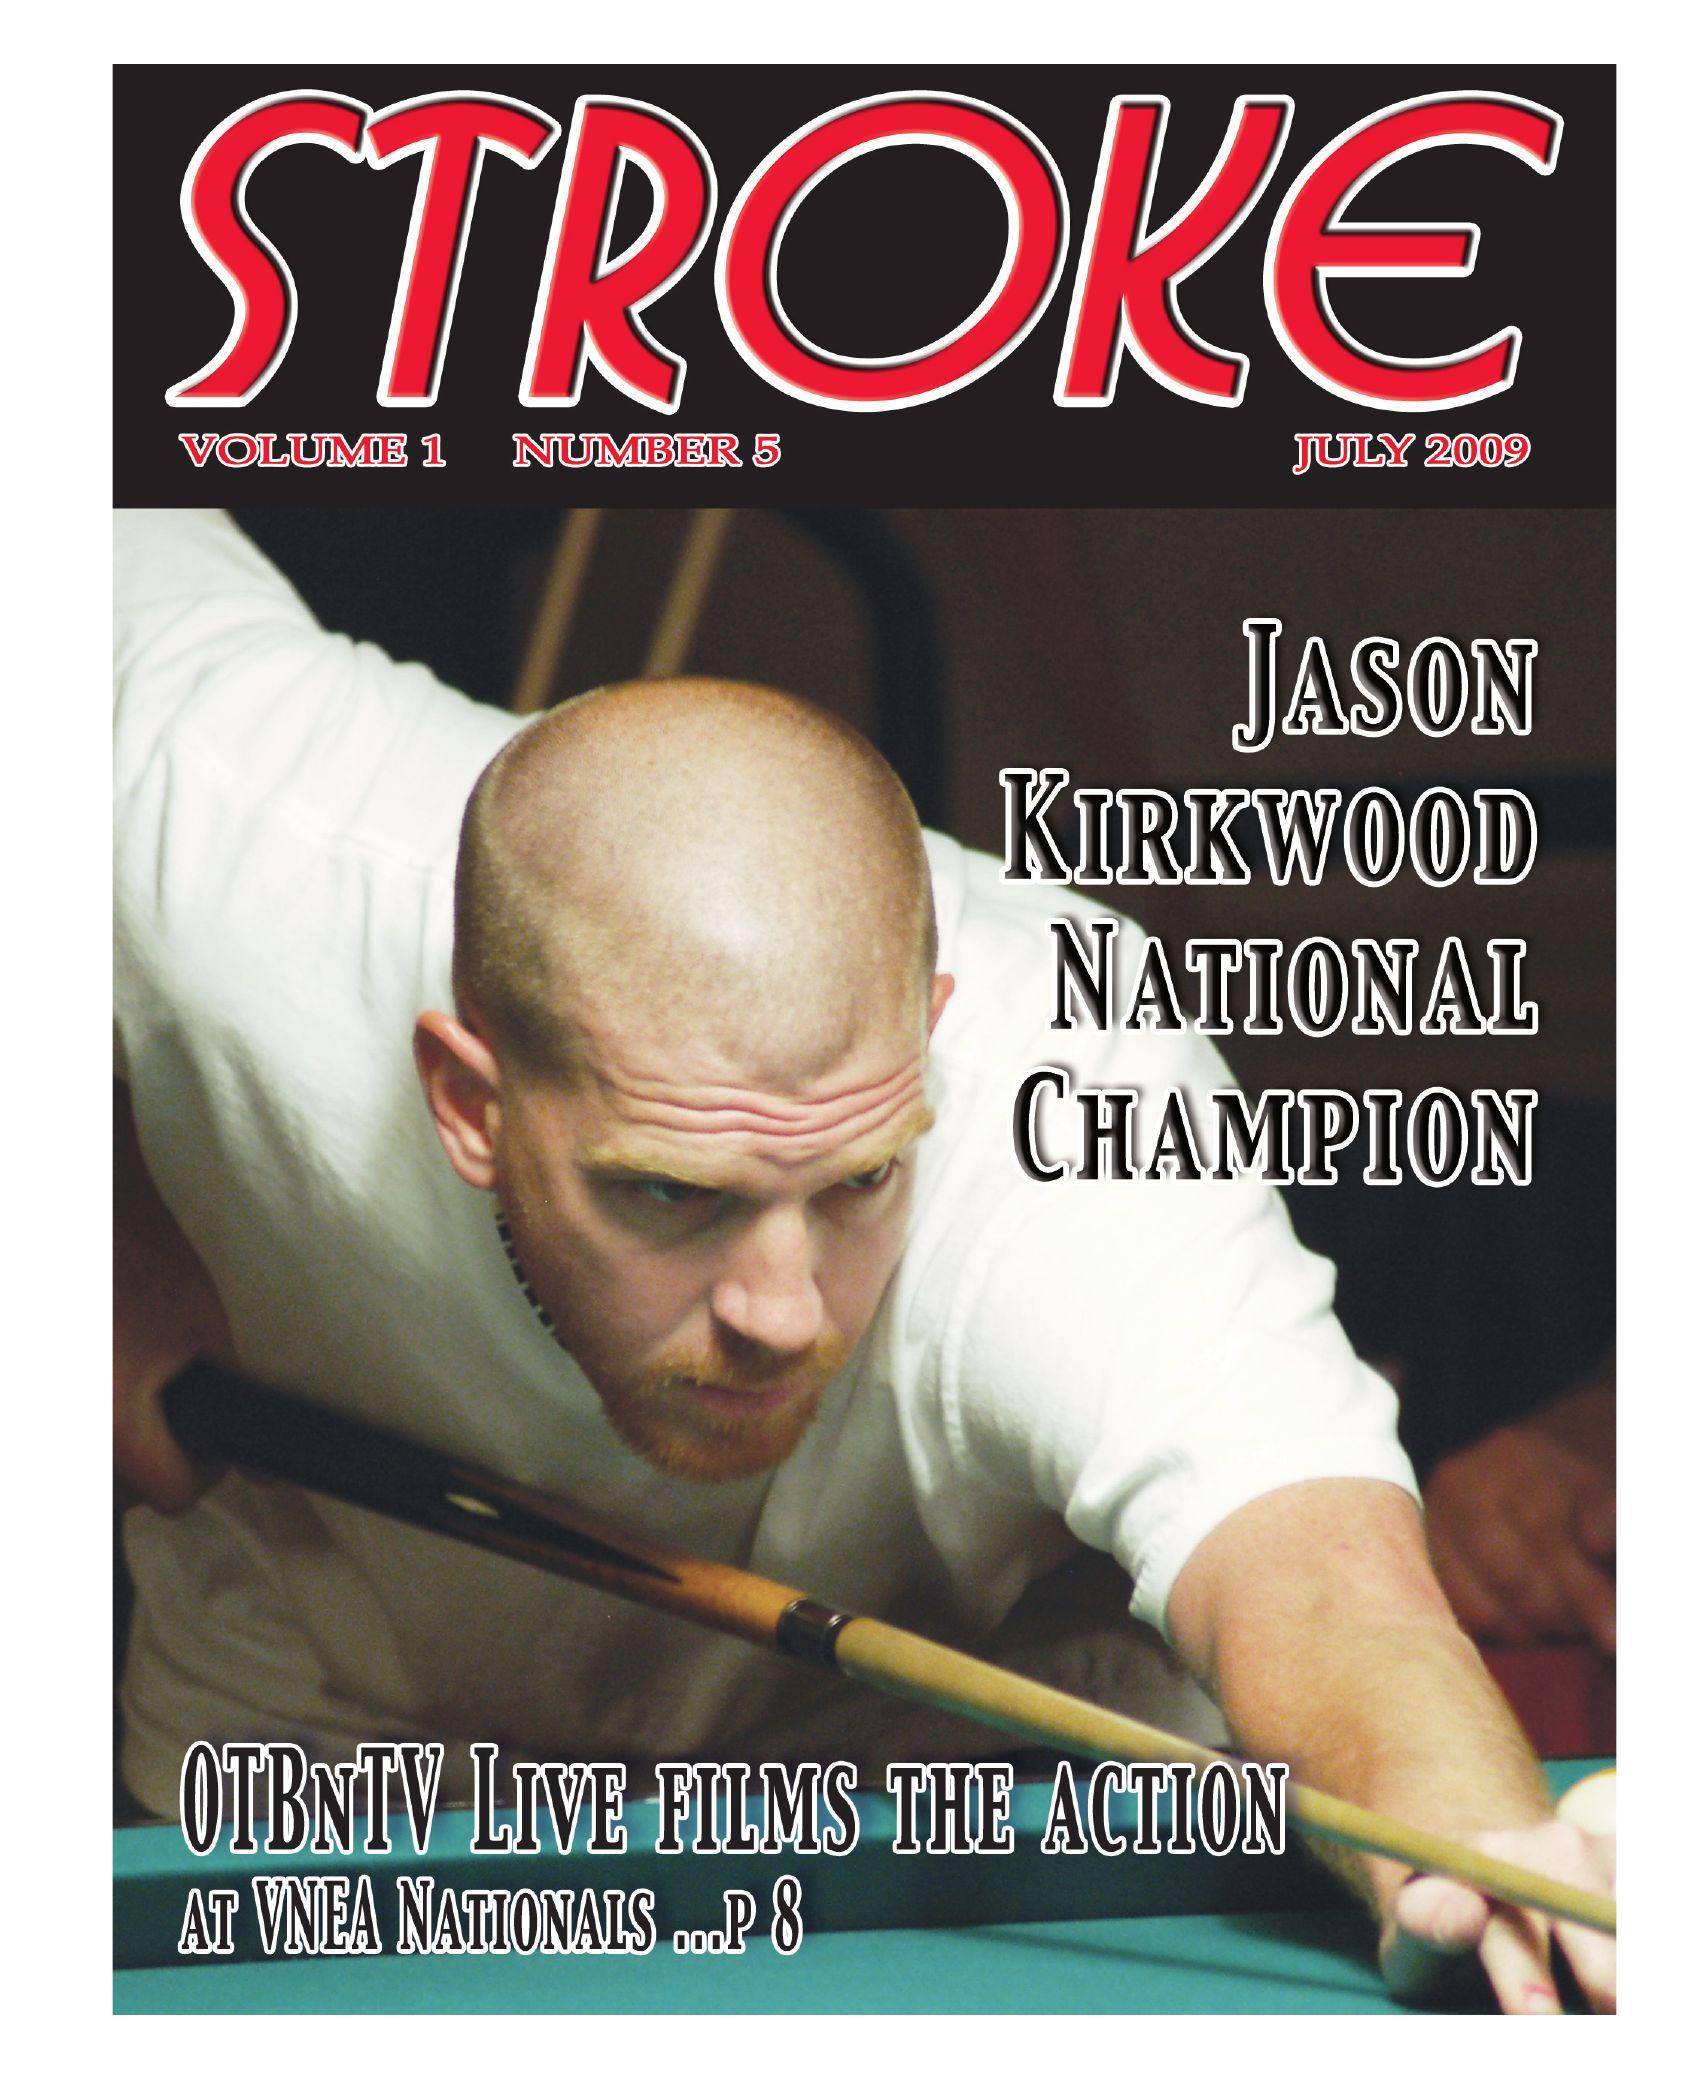 Stroke Magazine July Issue by Stroke Magazine - issuu